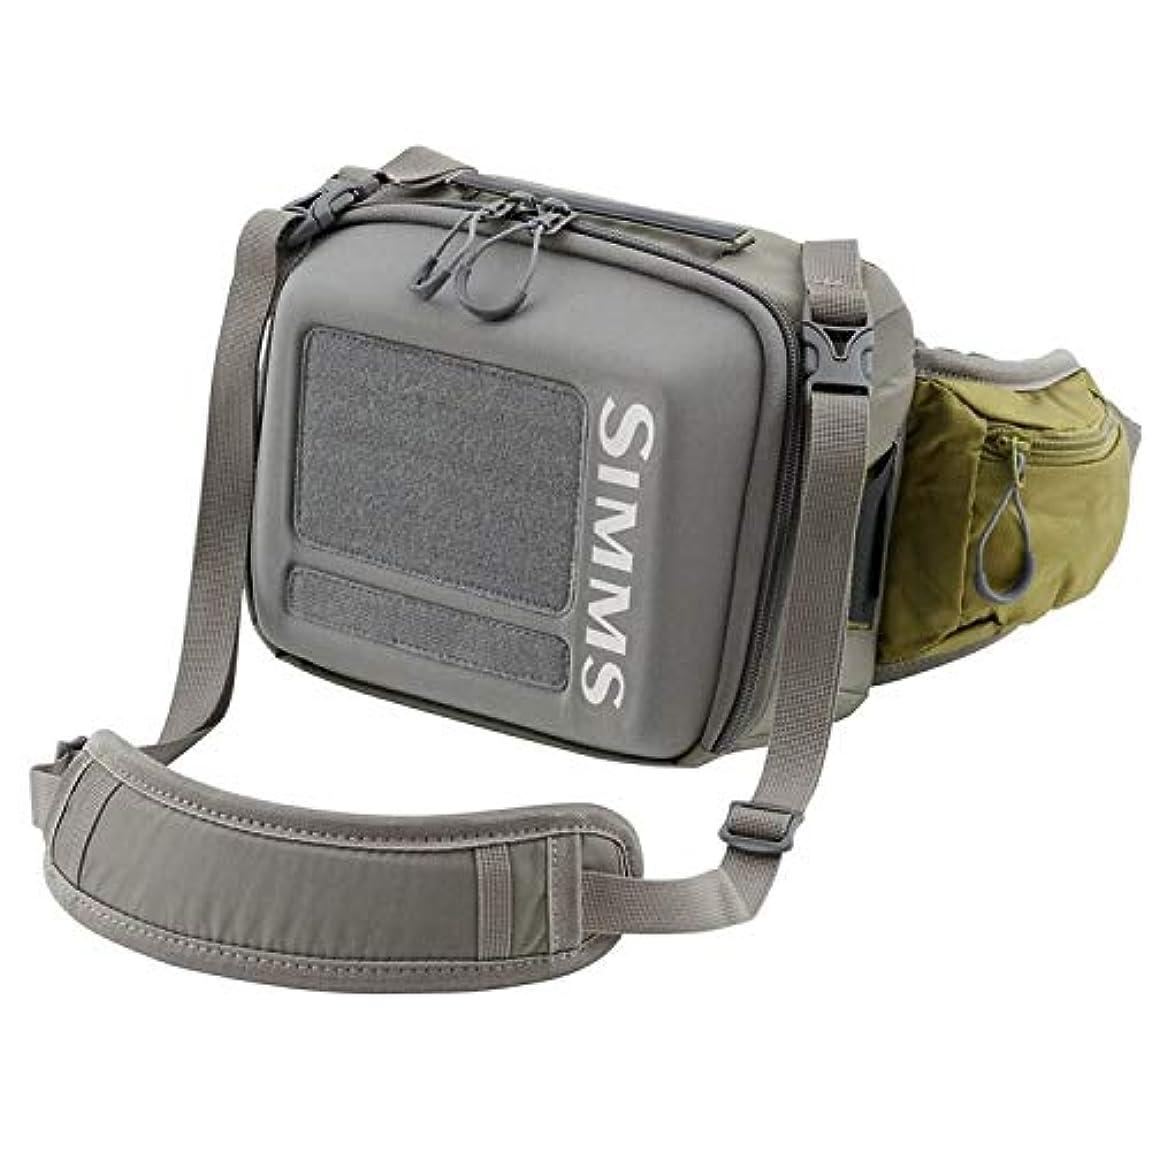 私対応からに変化するSIMMS シムス Waypoints Hip Pack Small 4L ウェイポインツ ヒップ パック Army Green [並行輸入品]